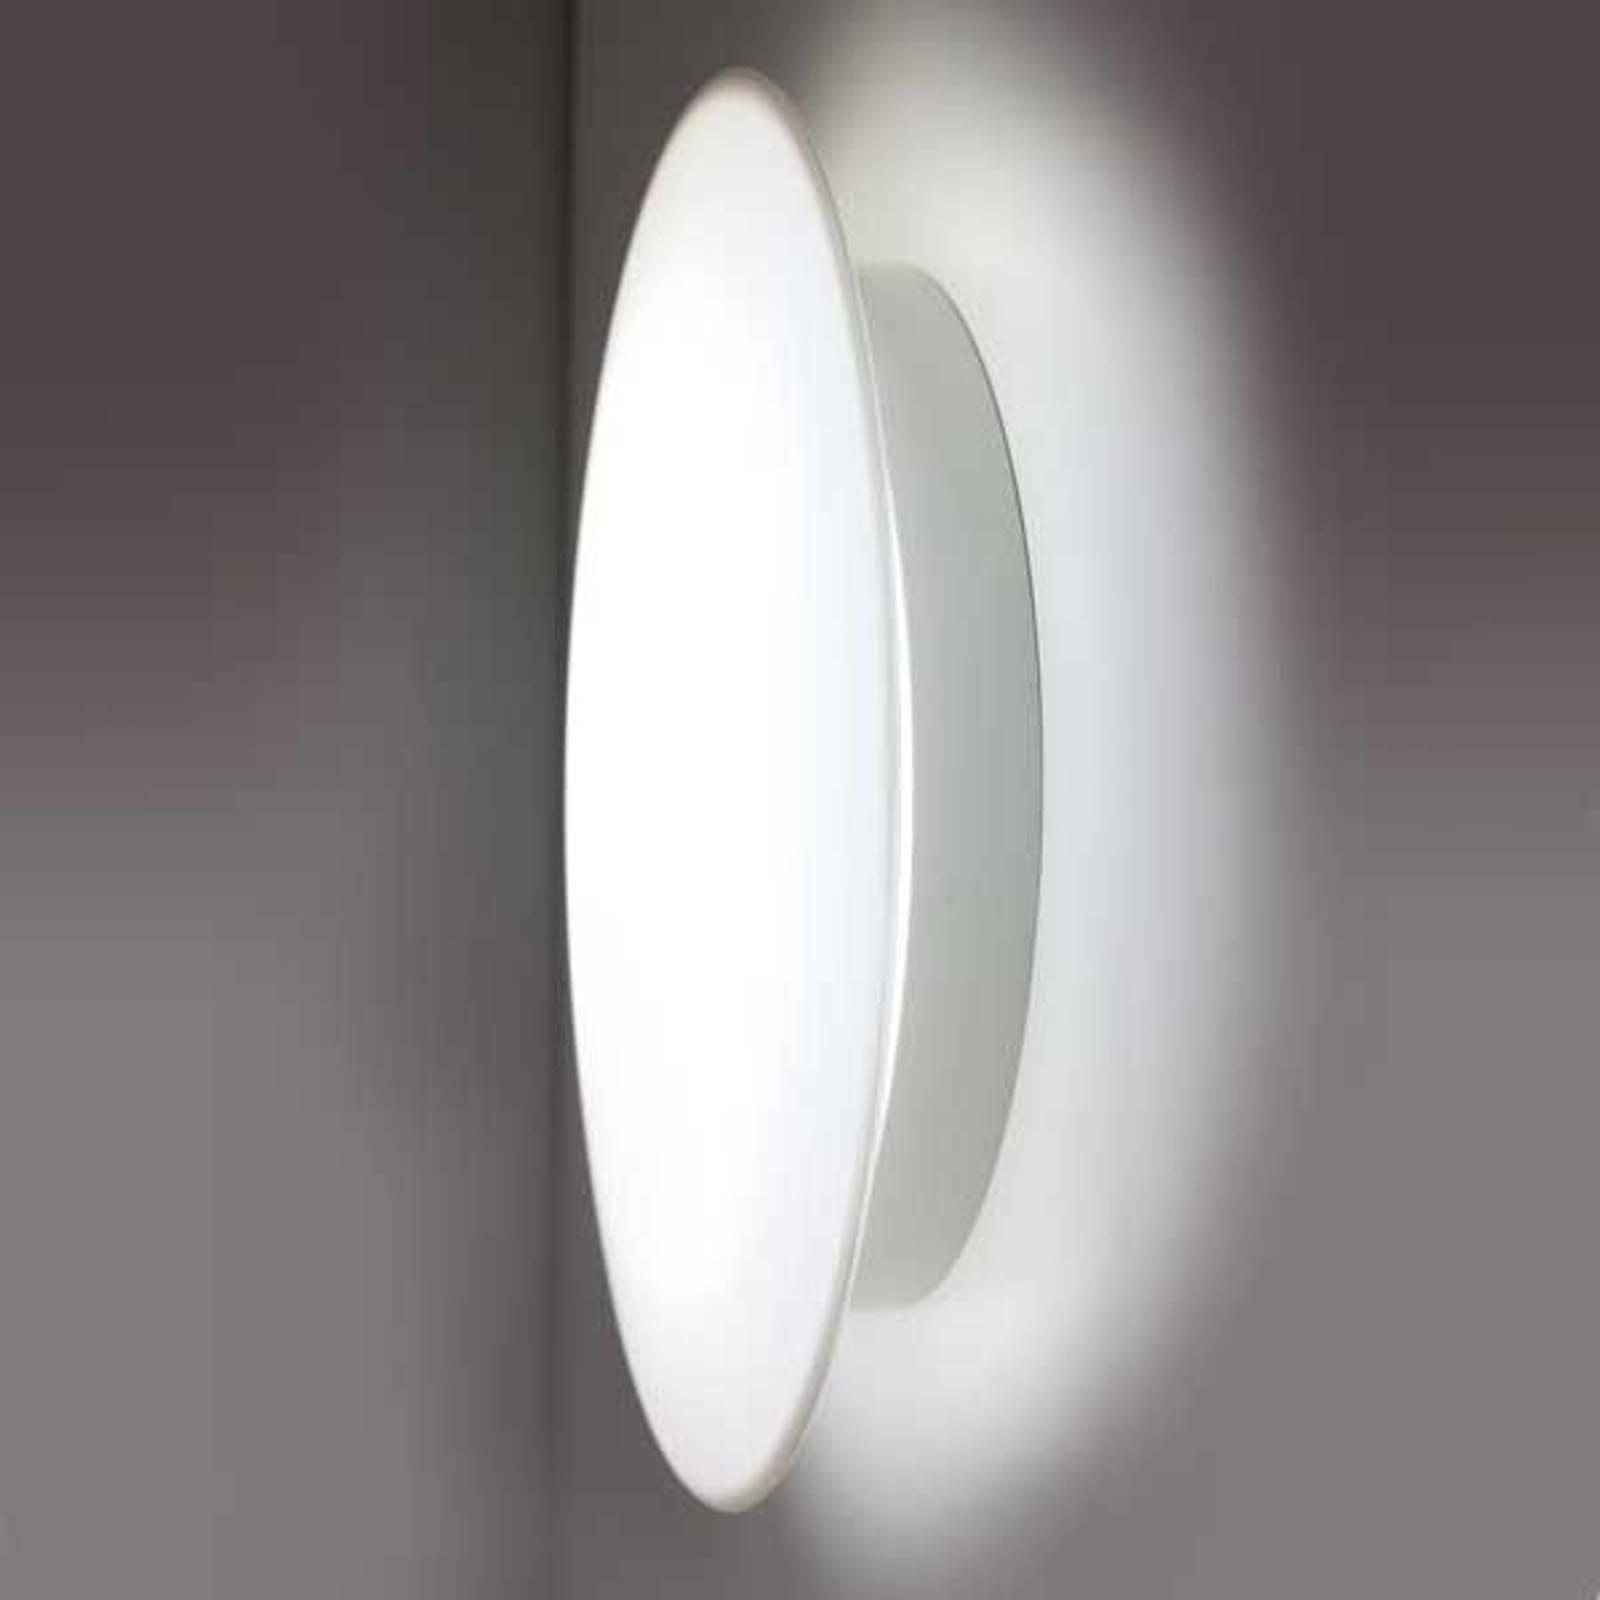 Bilde av Fremtidsrettet Sun 3 Led-lampe I Hvitt, 8 W 4 K